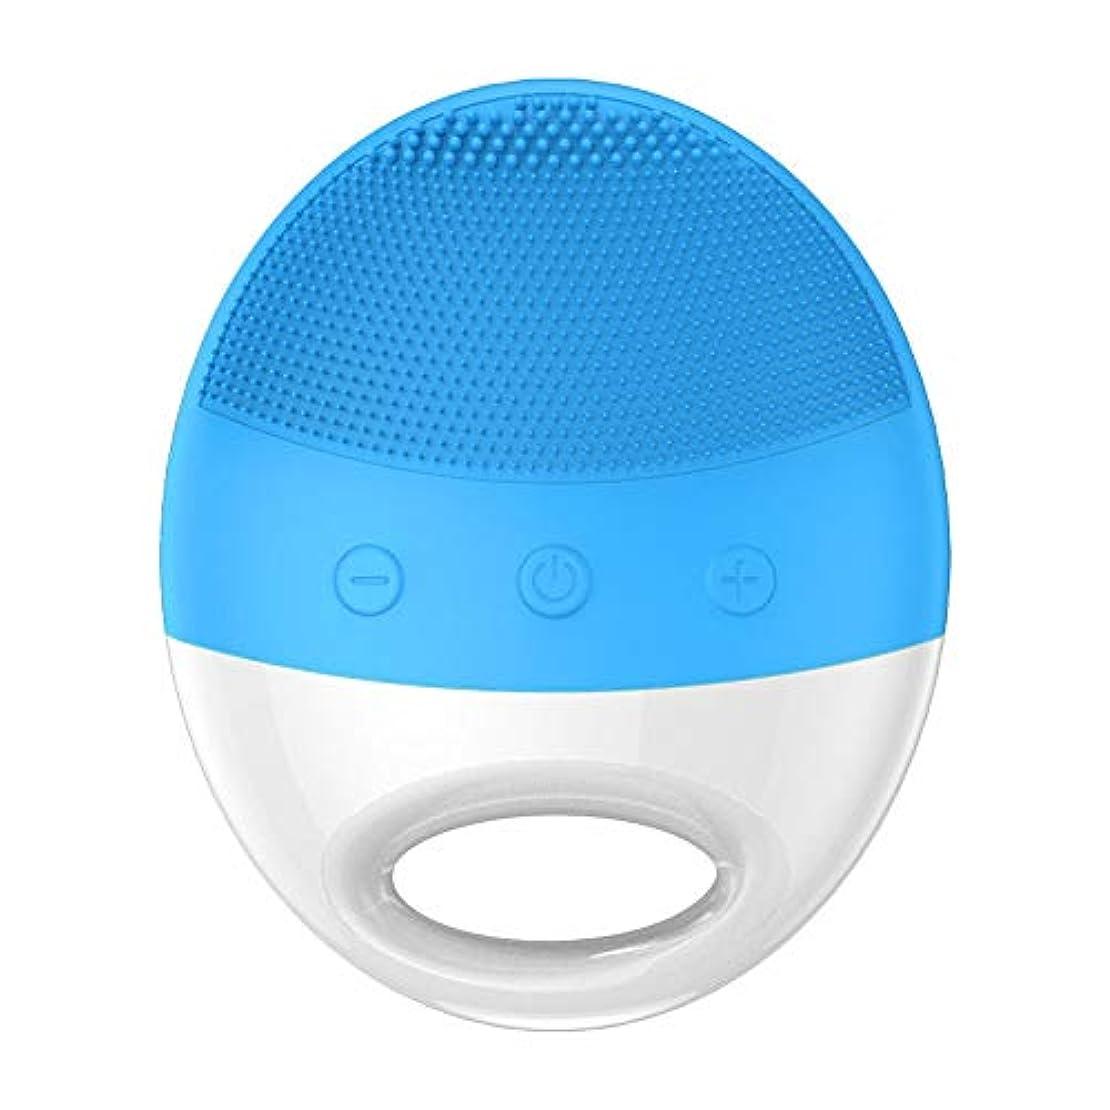 論理的にナイトスポット好戦的な超音波美の洗浄器械の電気シリコーンの洗浄のアーティファクトの気孔のクリーニングの器械 (Color : Blue)